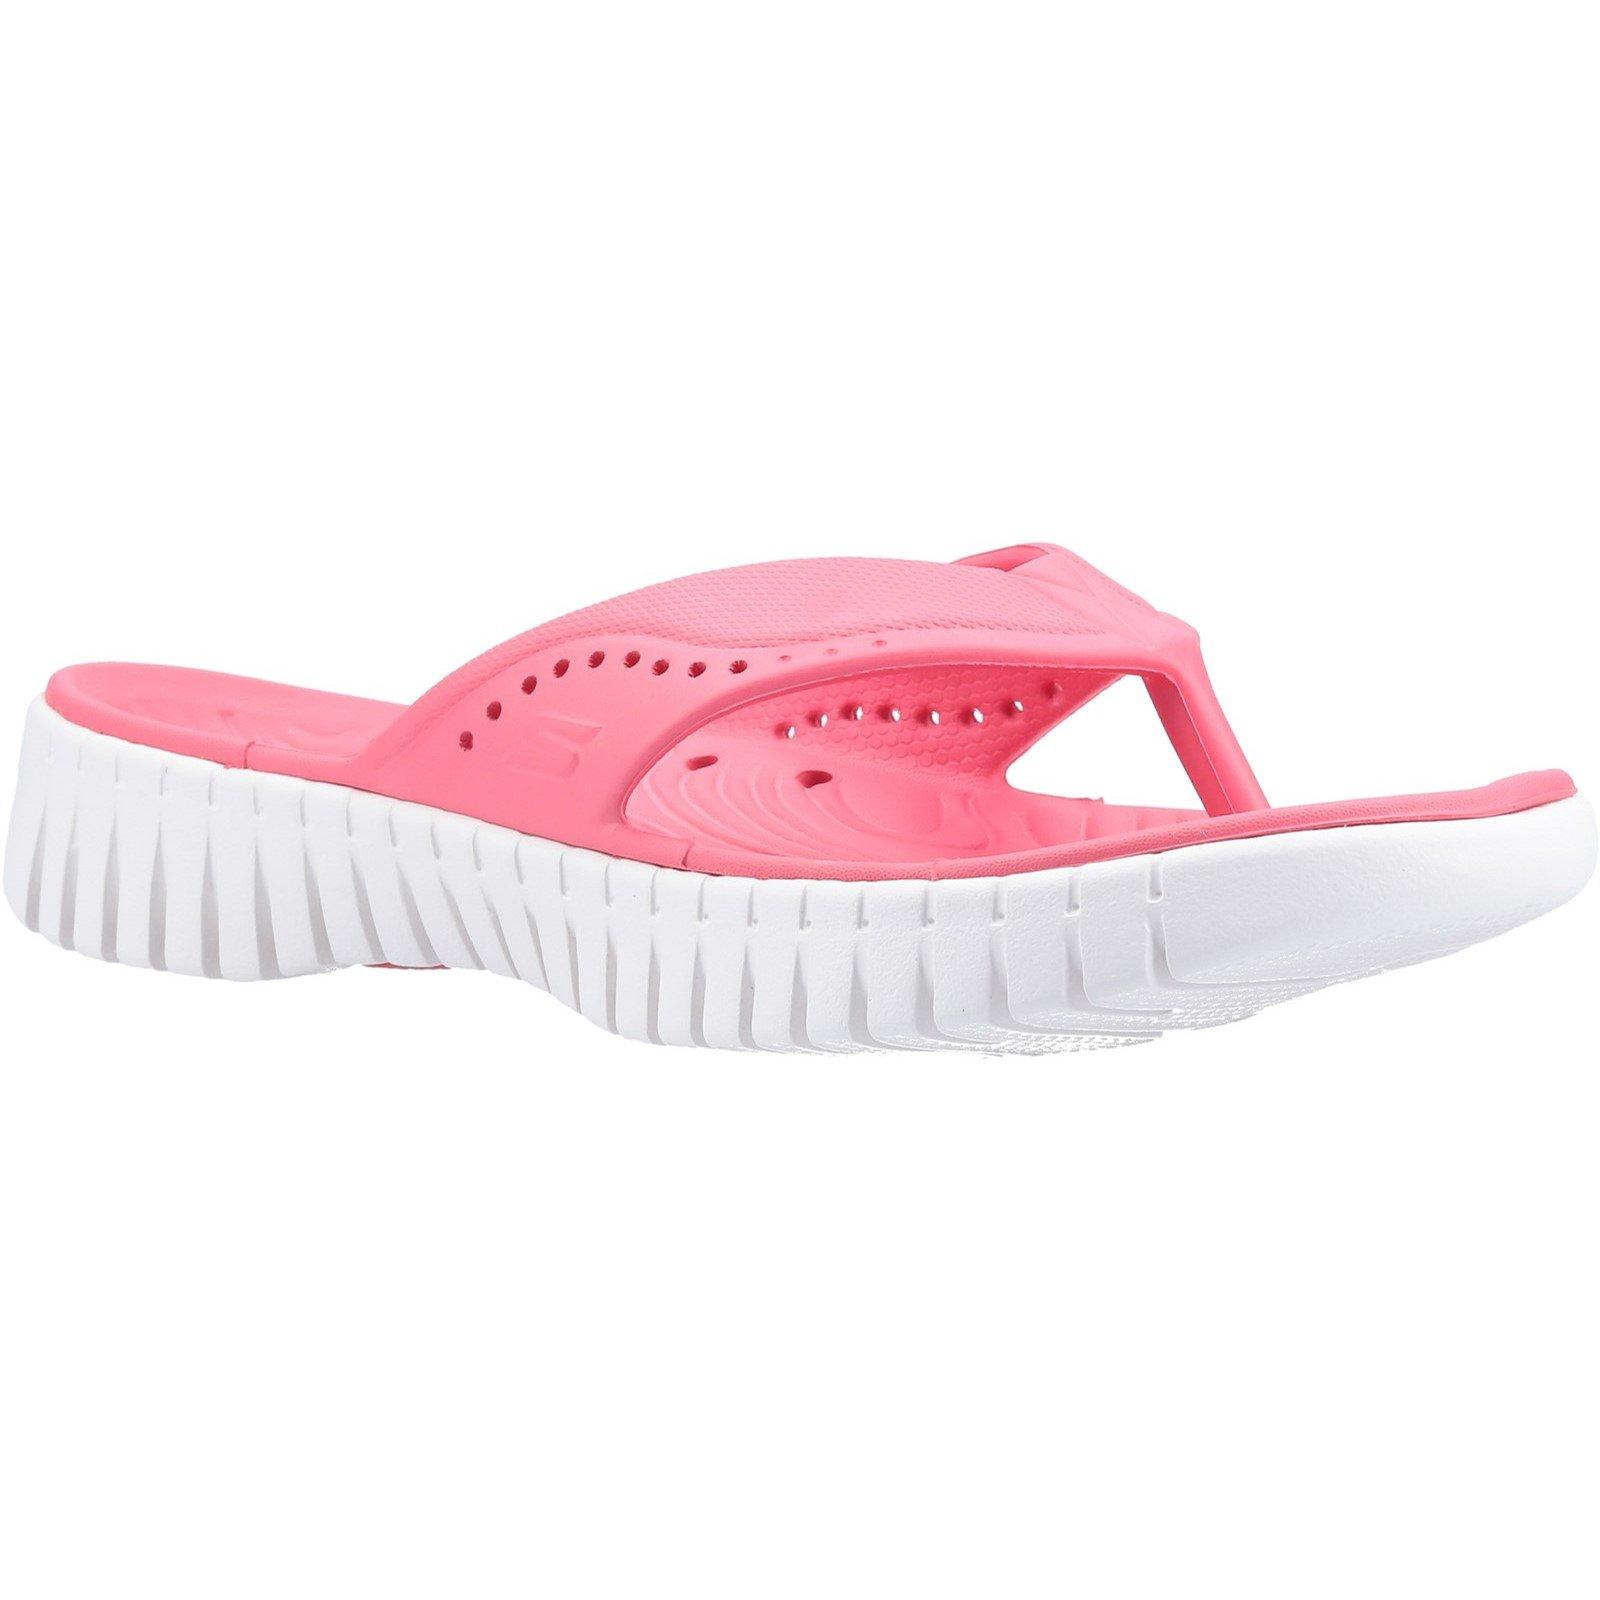 Skechers Women's GOwalk Smart Mahalo Sandal Various Colours 32371 - Coral 5